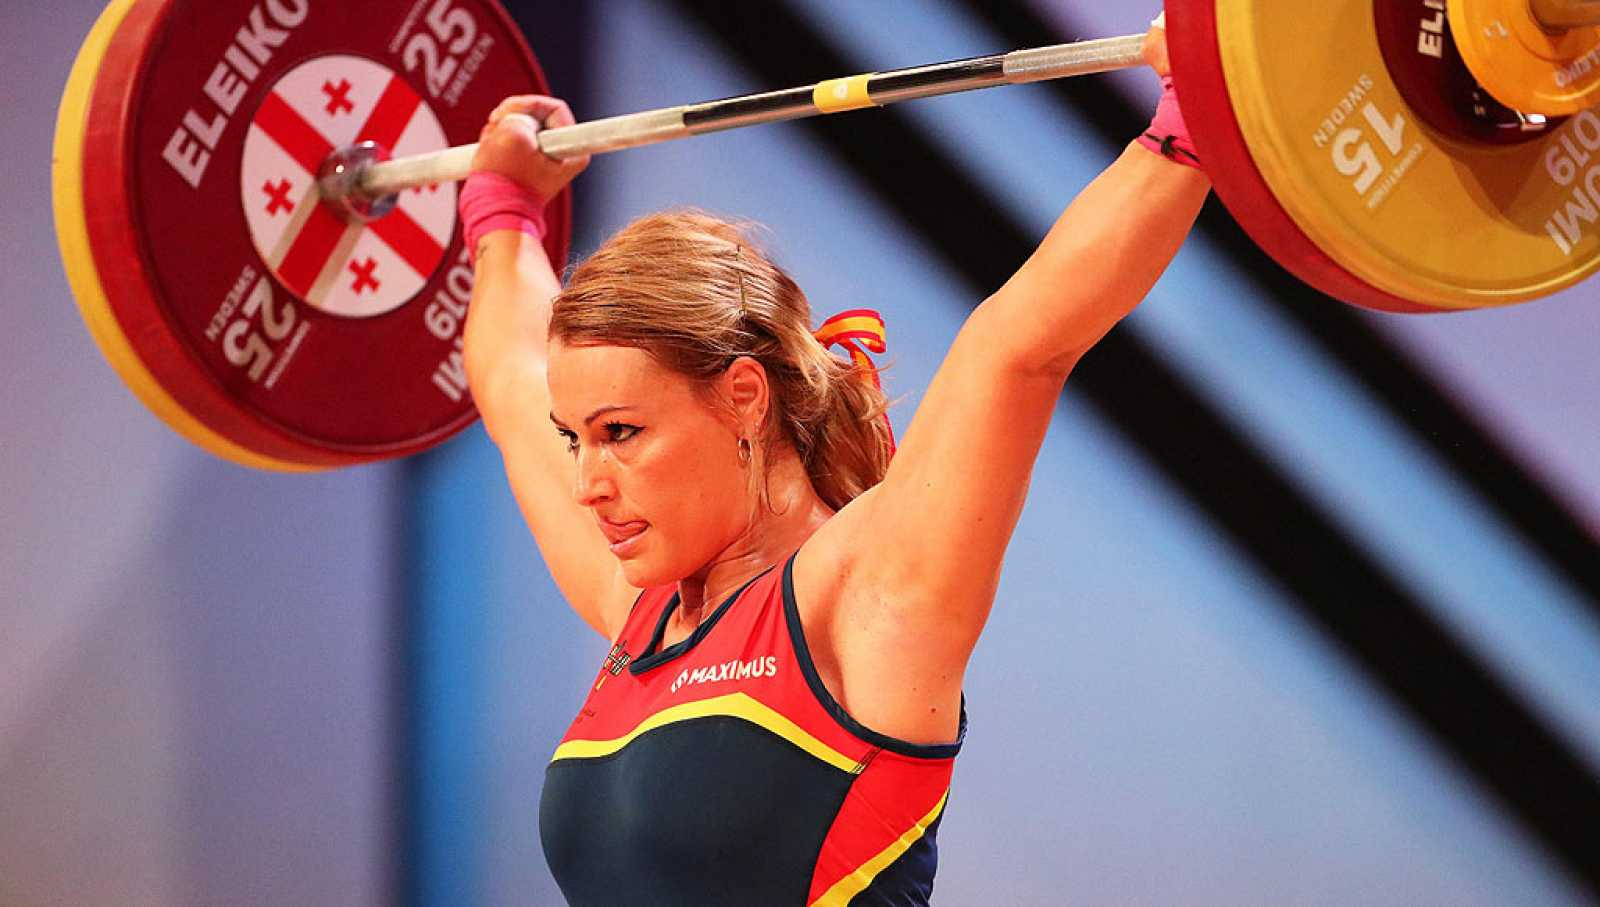 La española se quedó sin el oro por tan solo un kilo ya que no pudo alzar los 136kg.